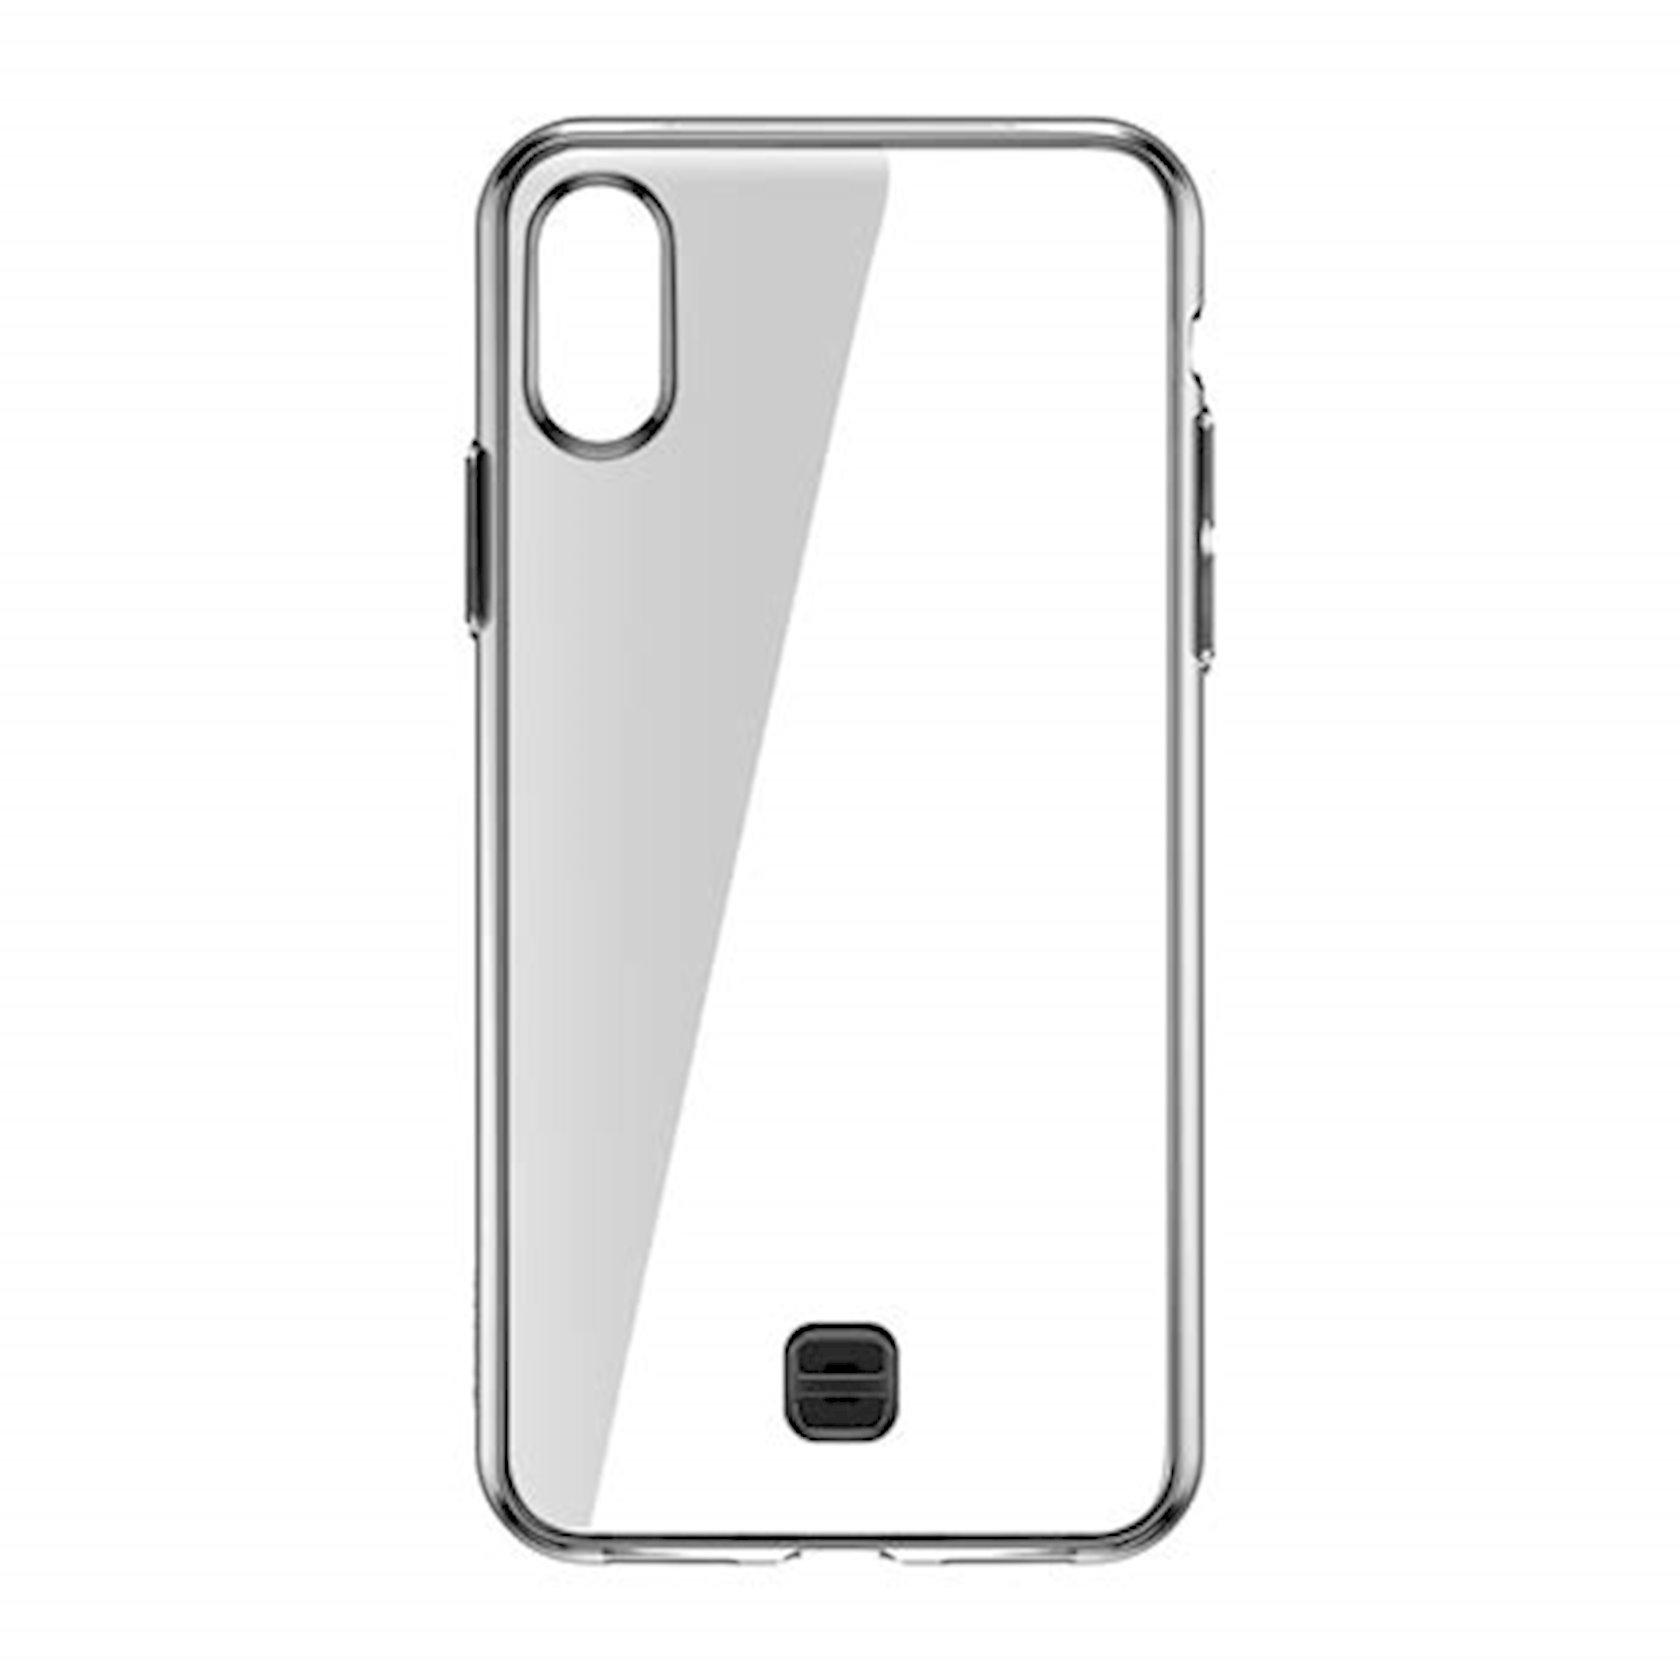 Super nazik çexol-qapaq Baseus WIAPIPH58-QA01 əl üçün qayış ilə  Apple iPhone X / Xs üçün, şəffaf